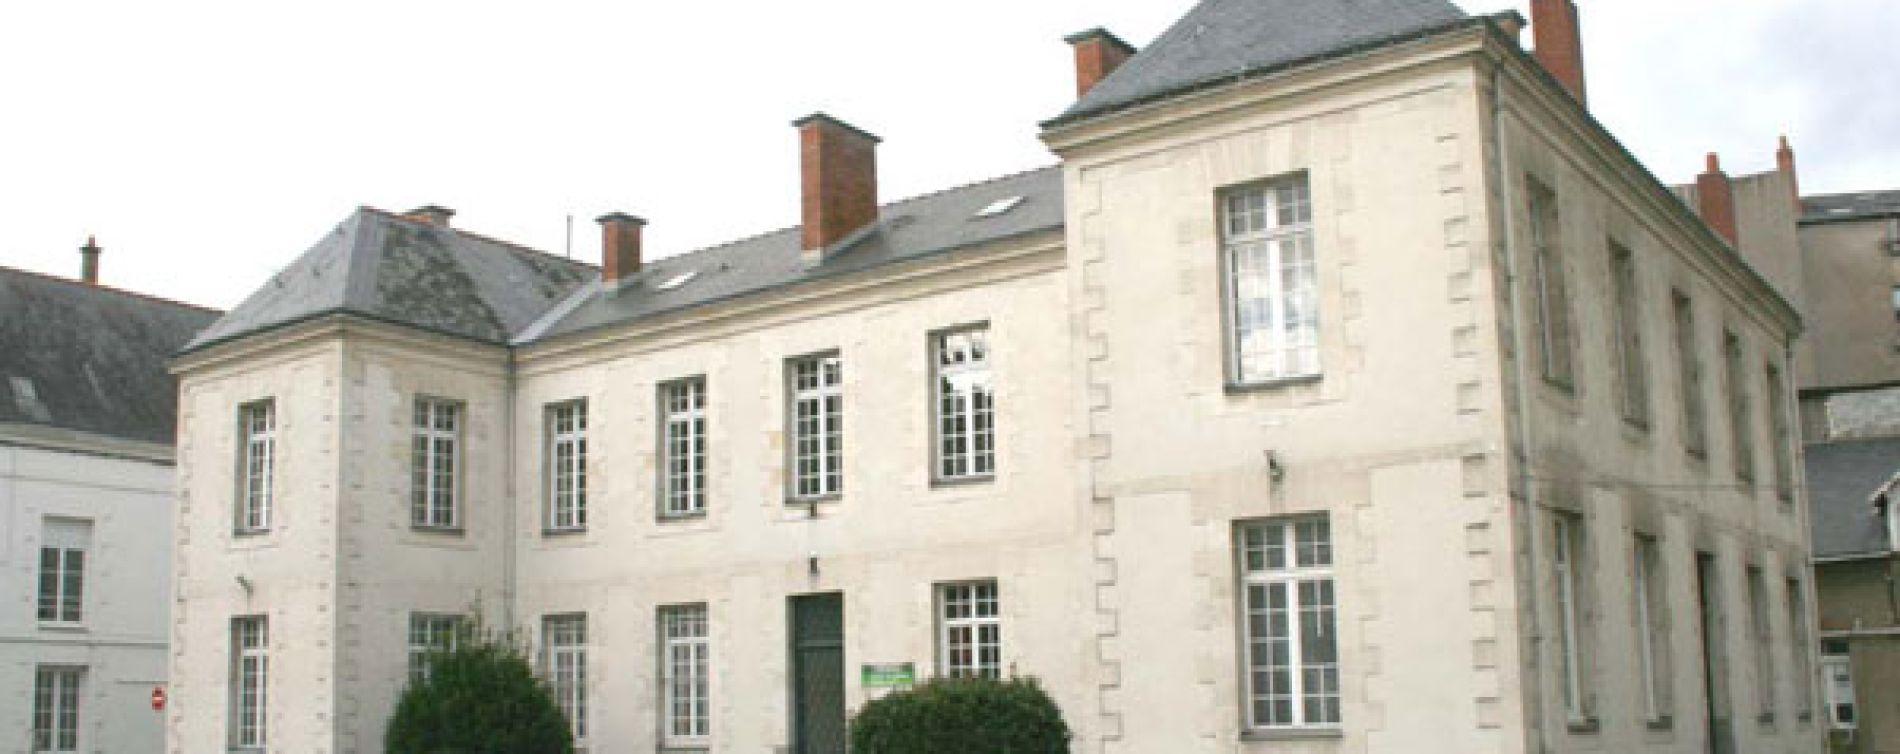 Résidence Carré Vert à Nantes